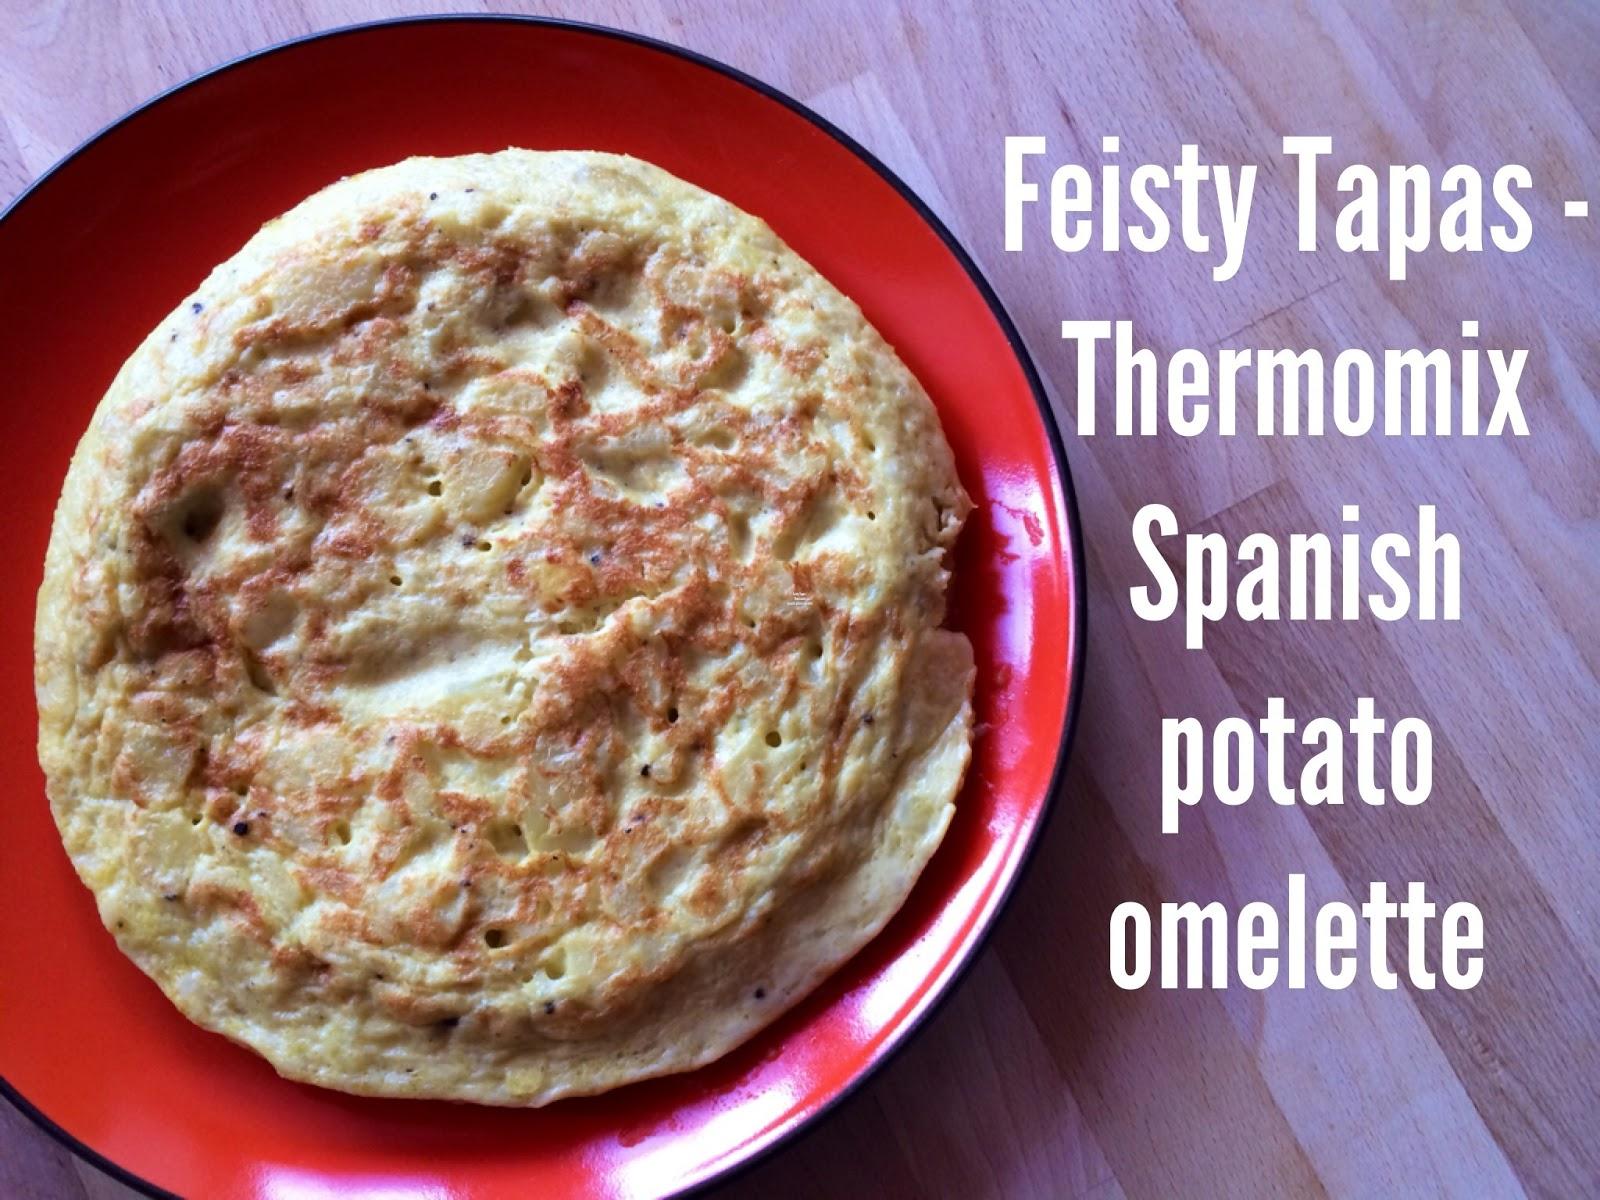 FEISTY TAPAS: Thermomix Spanish potato omelette (tortilla de patatas)